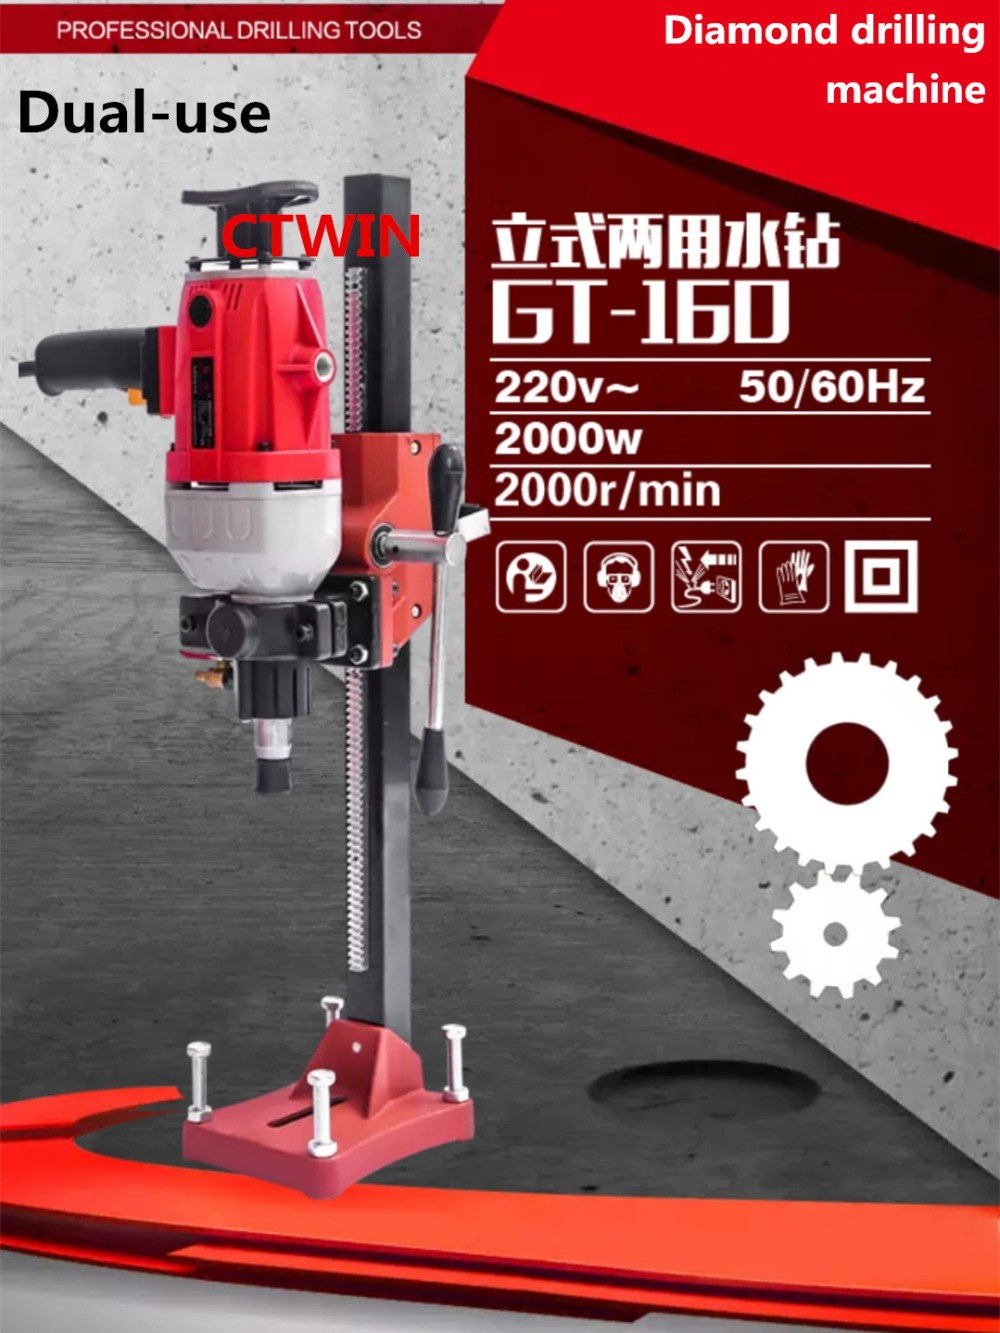 À double Usage 160 MM 2000 W Professionnel Électrique Béton Complexe Noyau Machine De Forage Au Diamant Projet D'eau Humide carotteuse